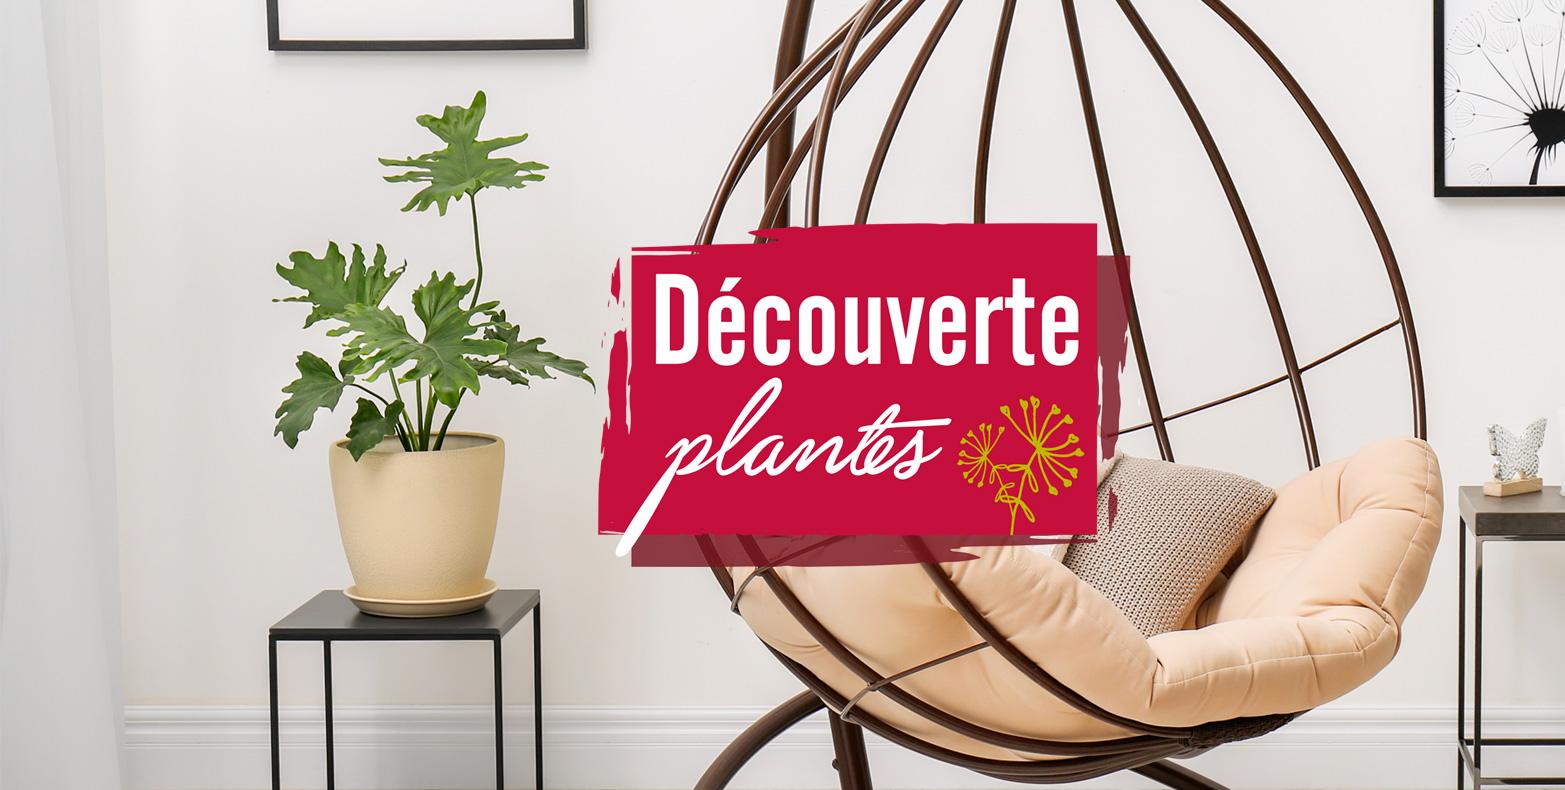 Découverte plante Les philodendrons